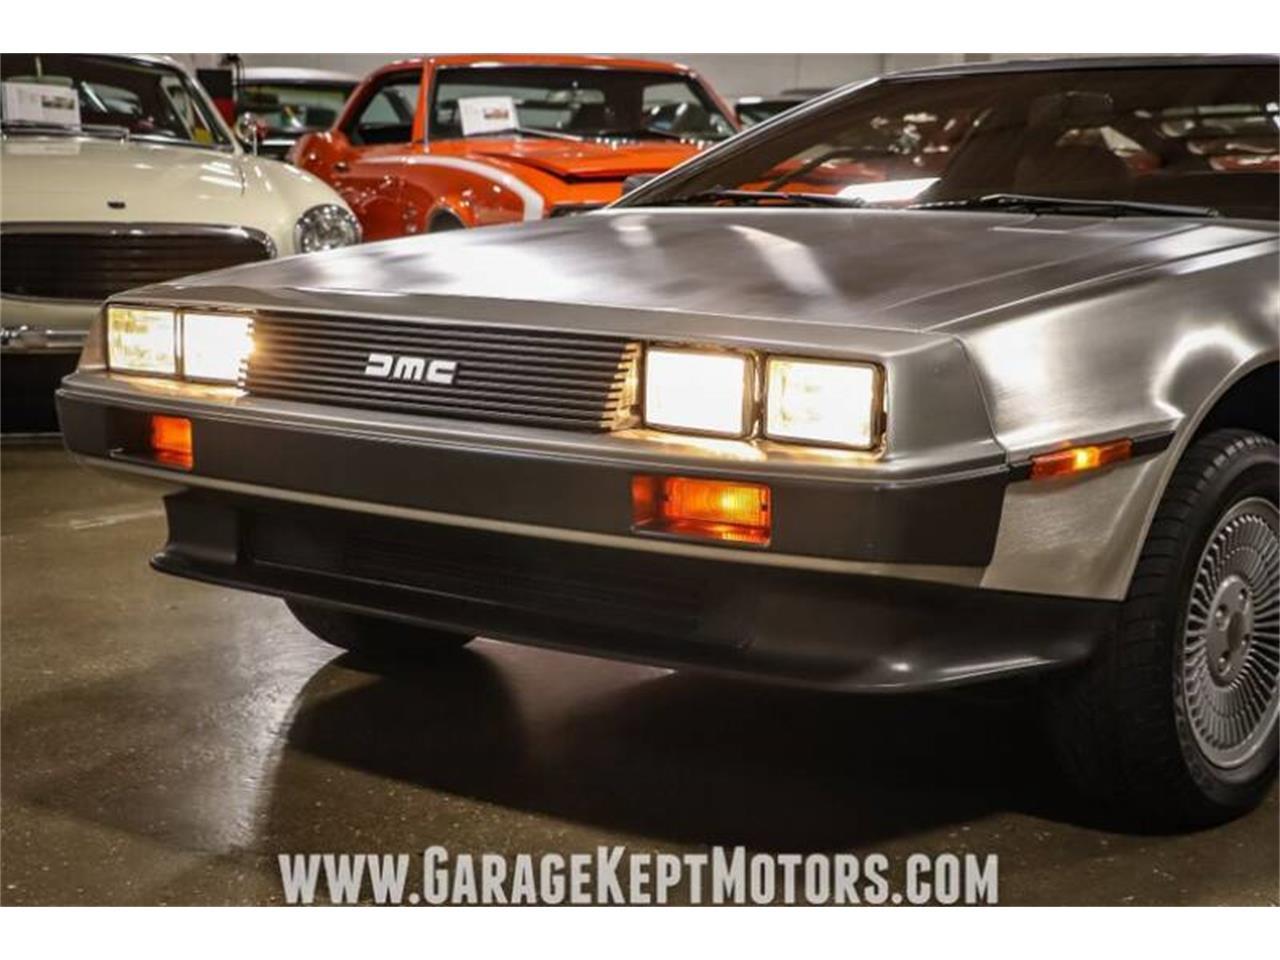 1981 DeLorean DMC-12 (CC-1345714) for sale in Grand Rapids, Michigan